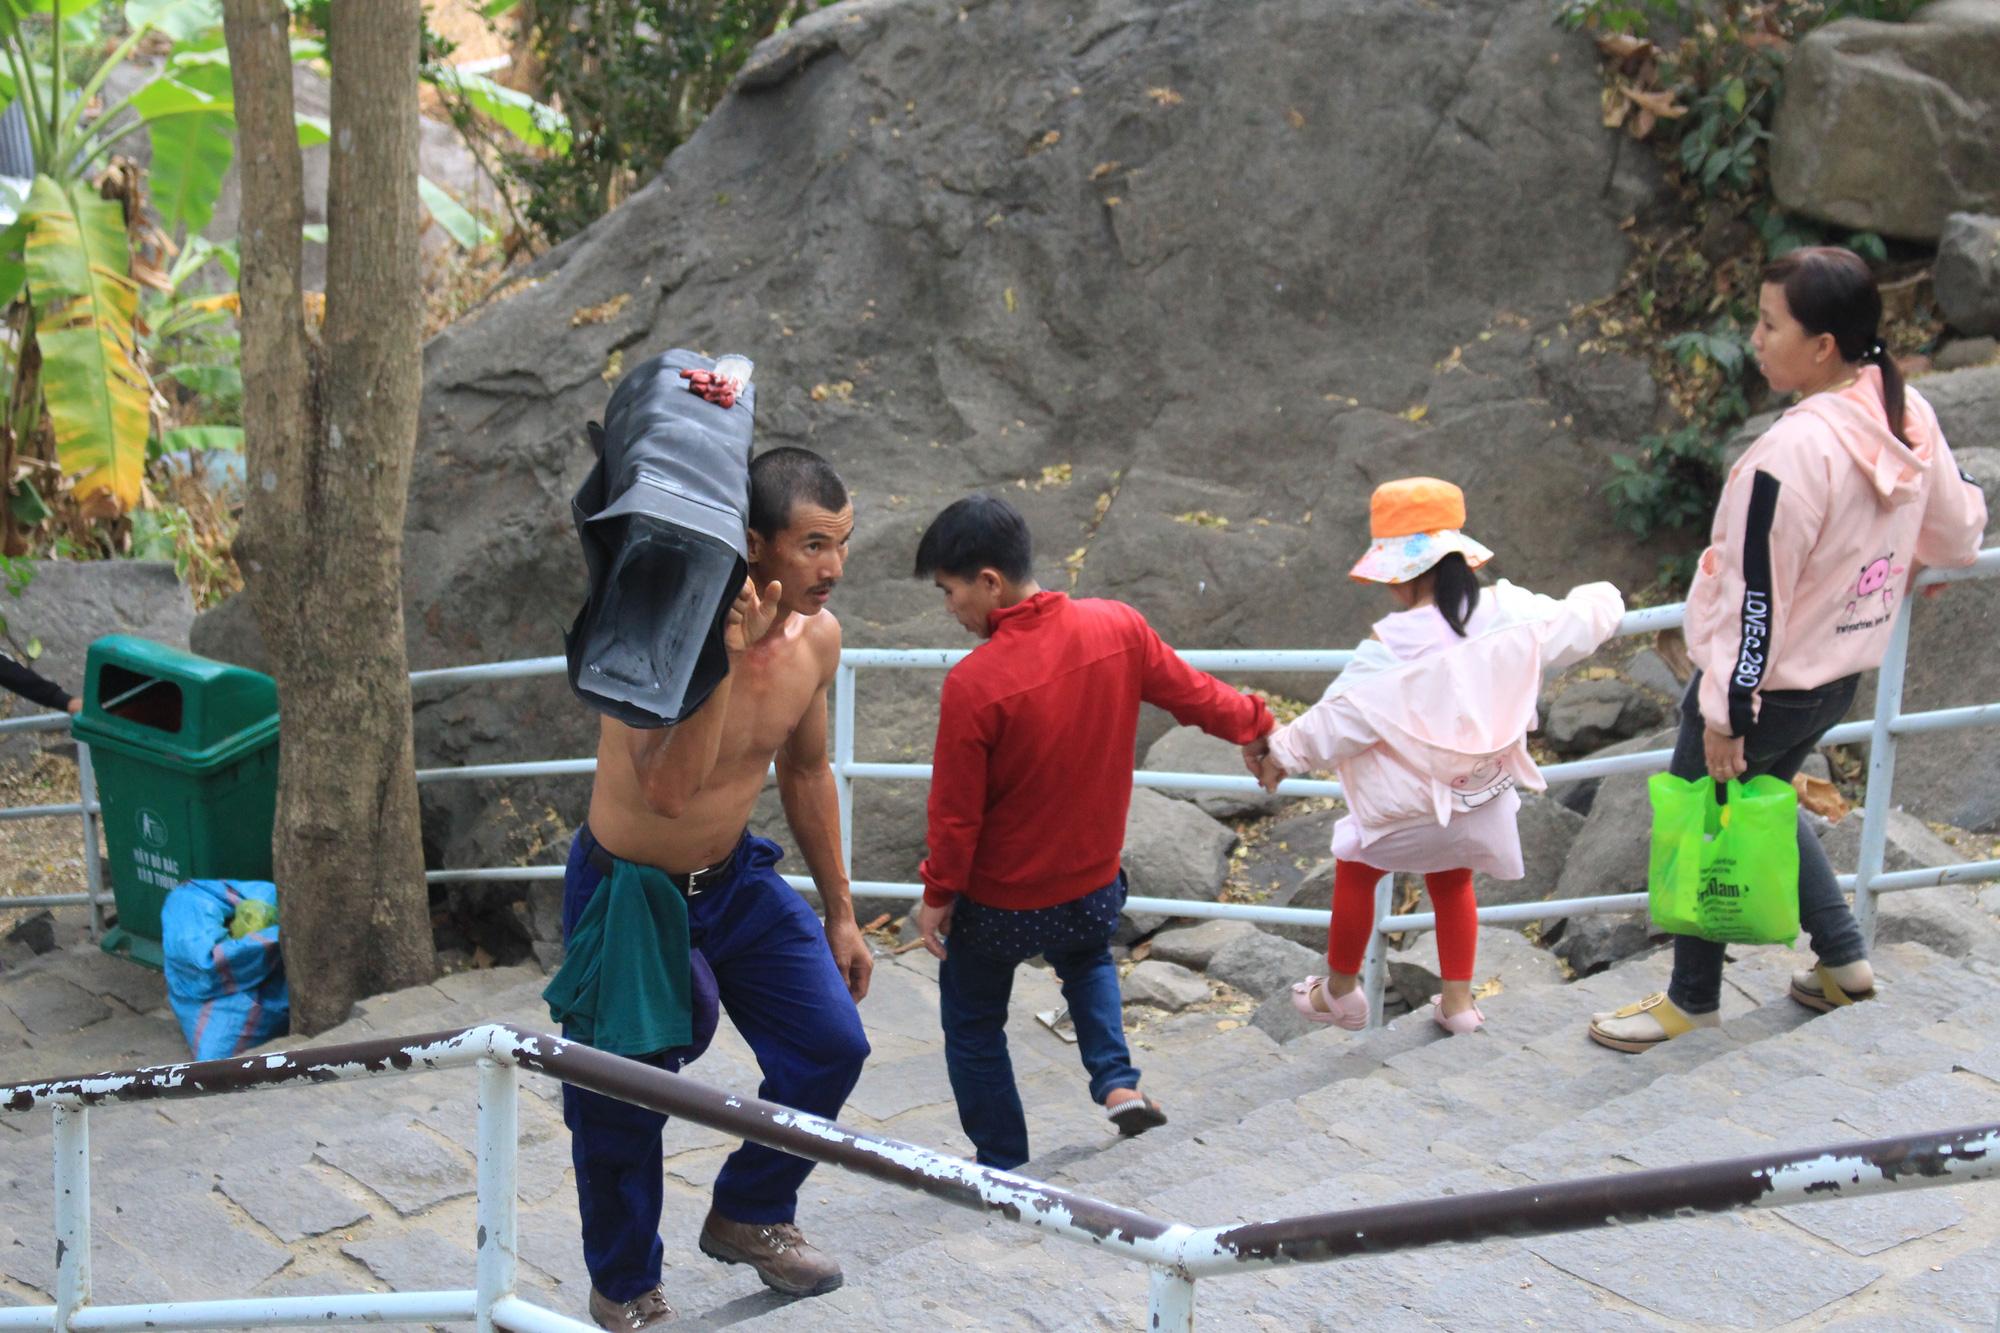 Gian nan đi chân trần, cõng nước đá lên núi Bà Đen kiếm tiền ngày đầu năm - Ảnh 4.